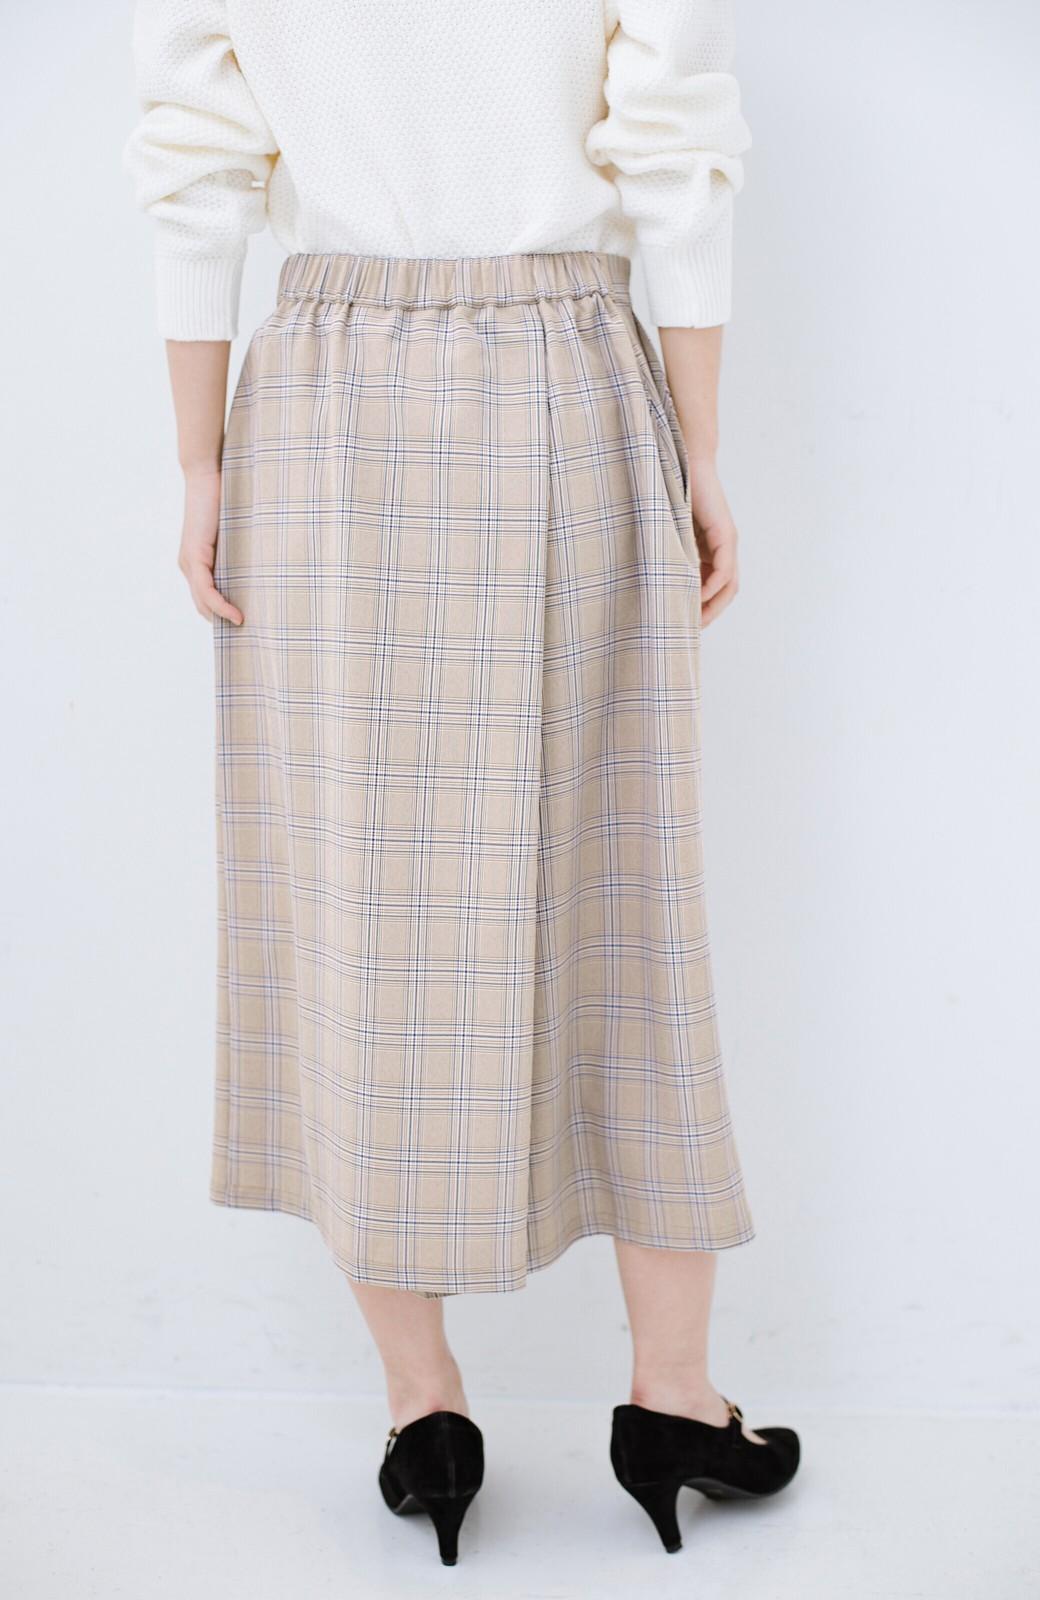 haco! 動きやすいのにちゃんと女子見え スカートみたいな華やかチェックパンツ <ブラウン系その他>の商品写真6